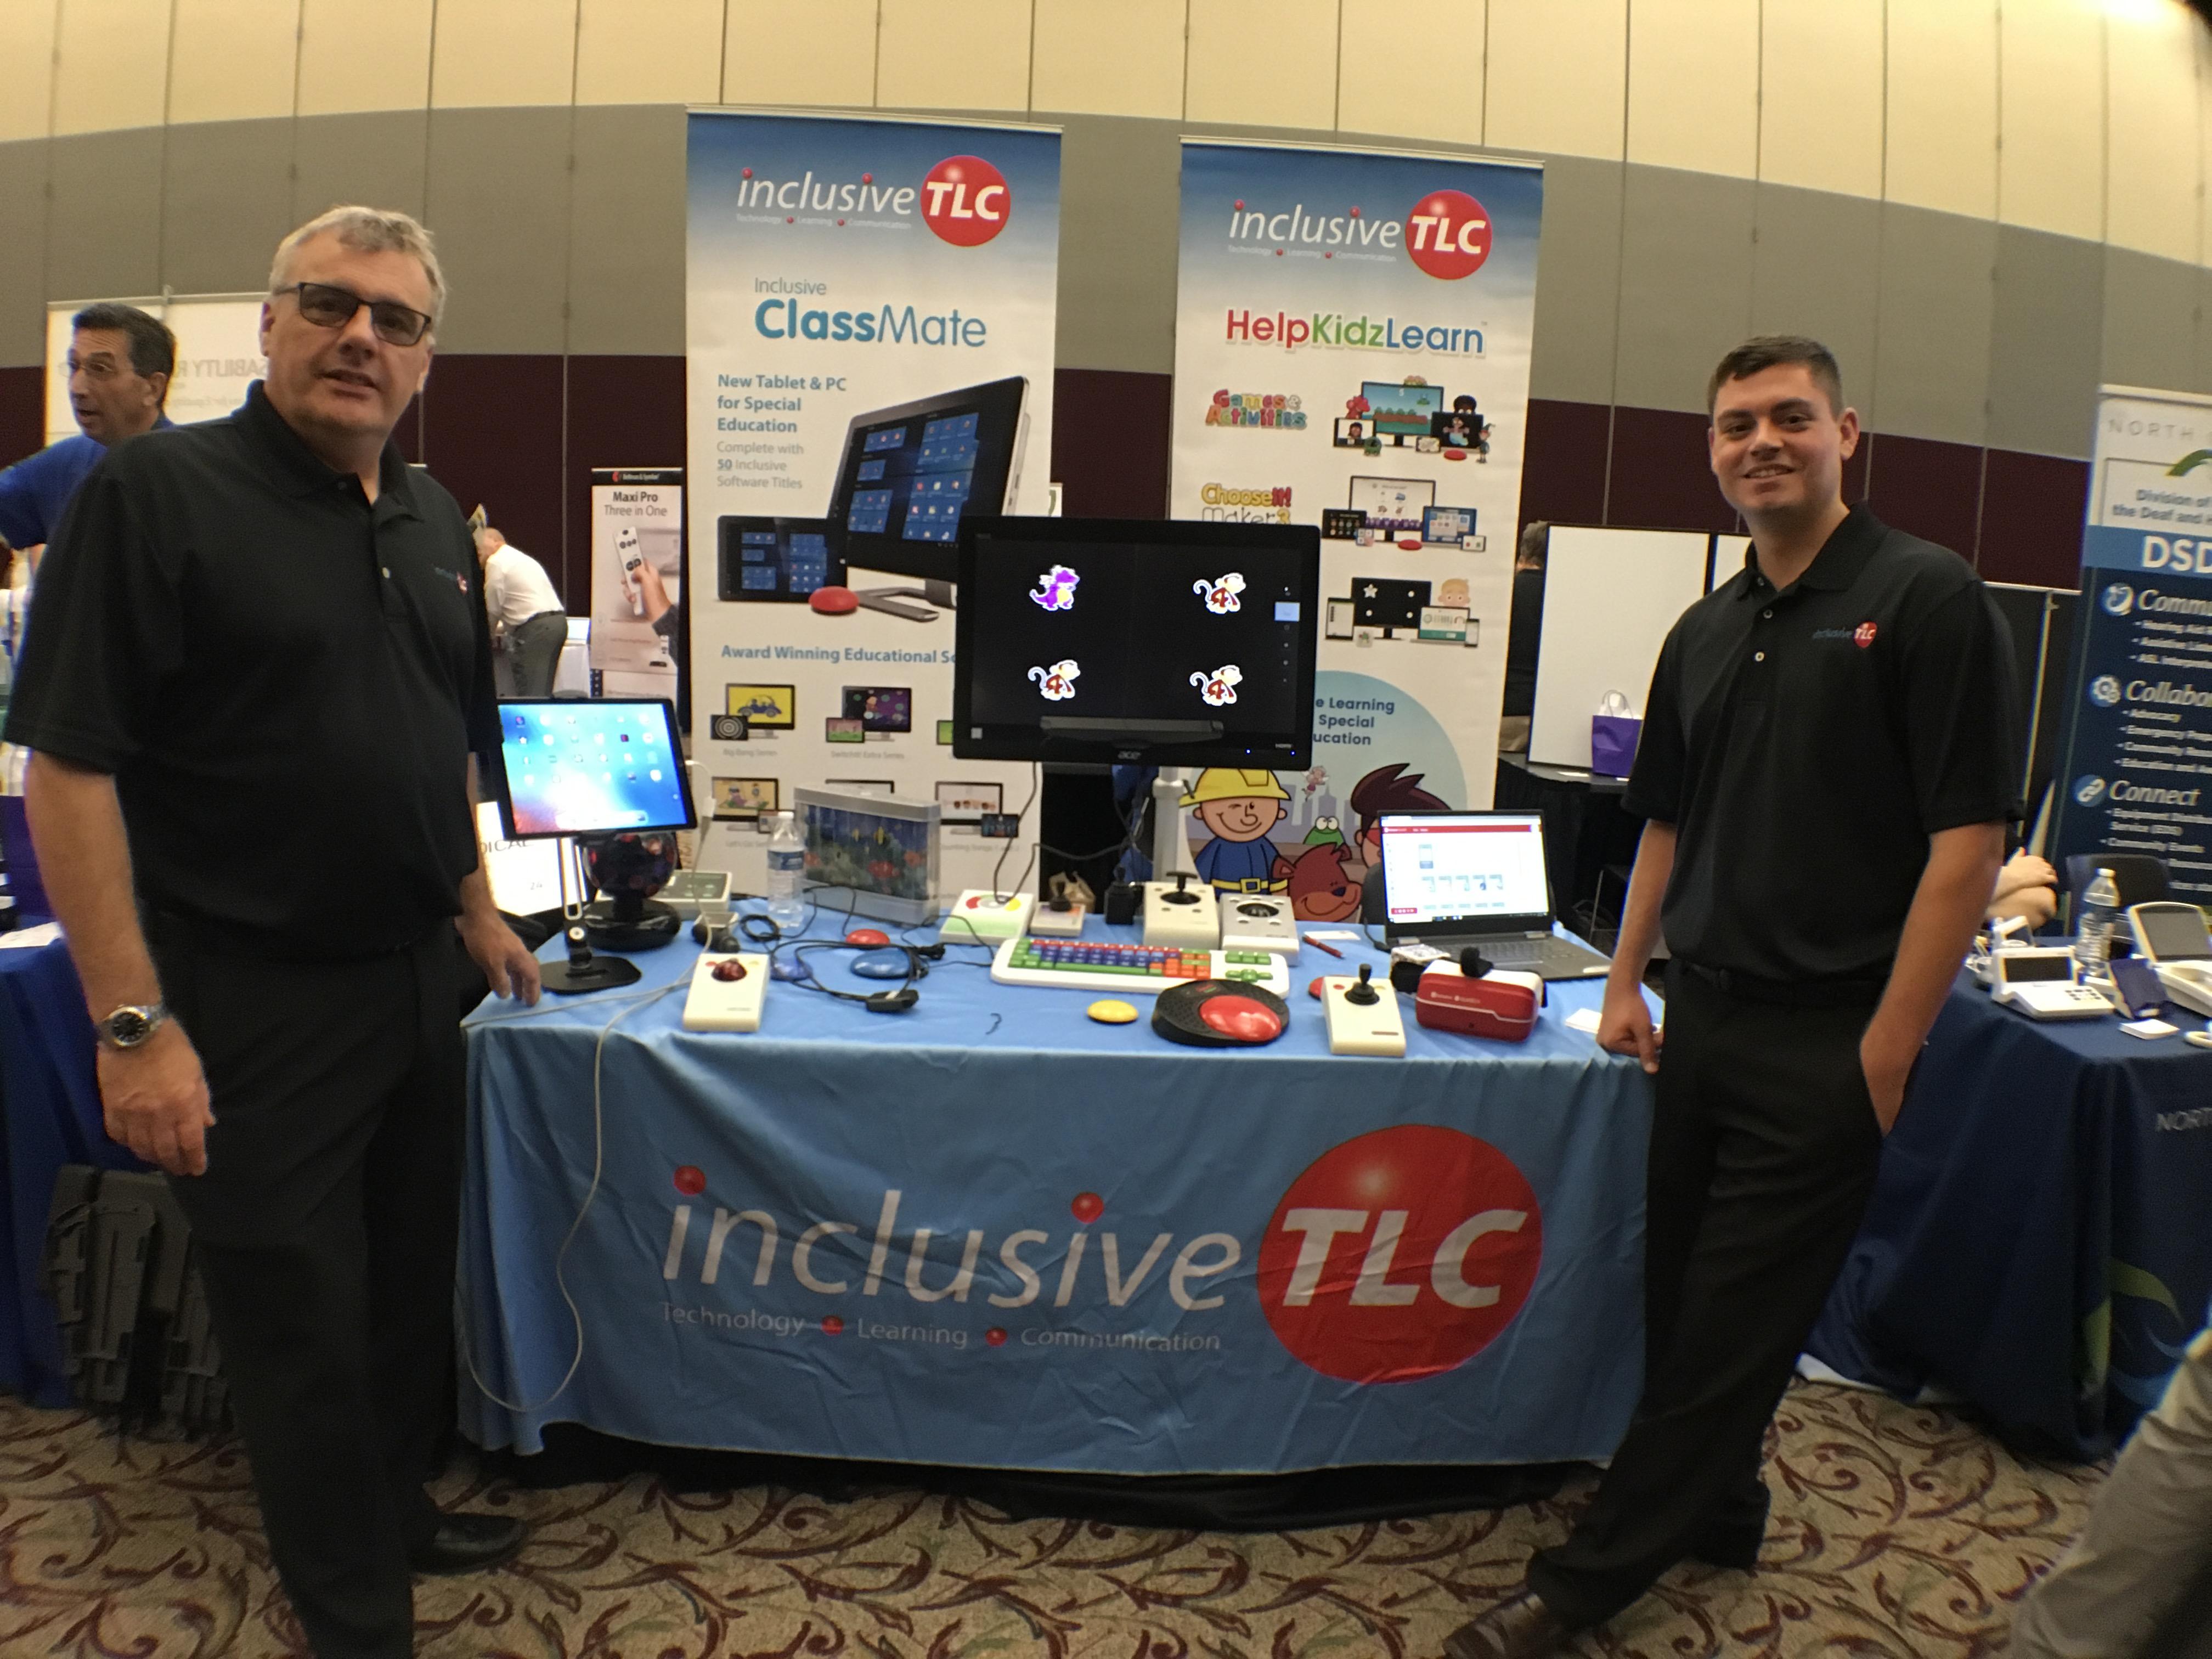 Inclusive-TLC Table